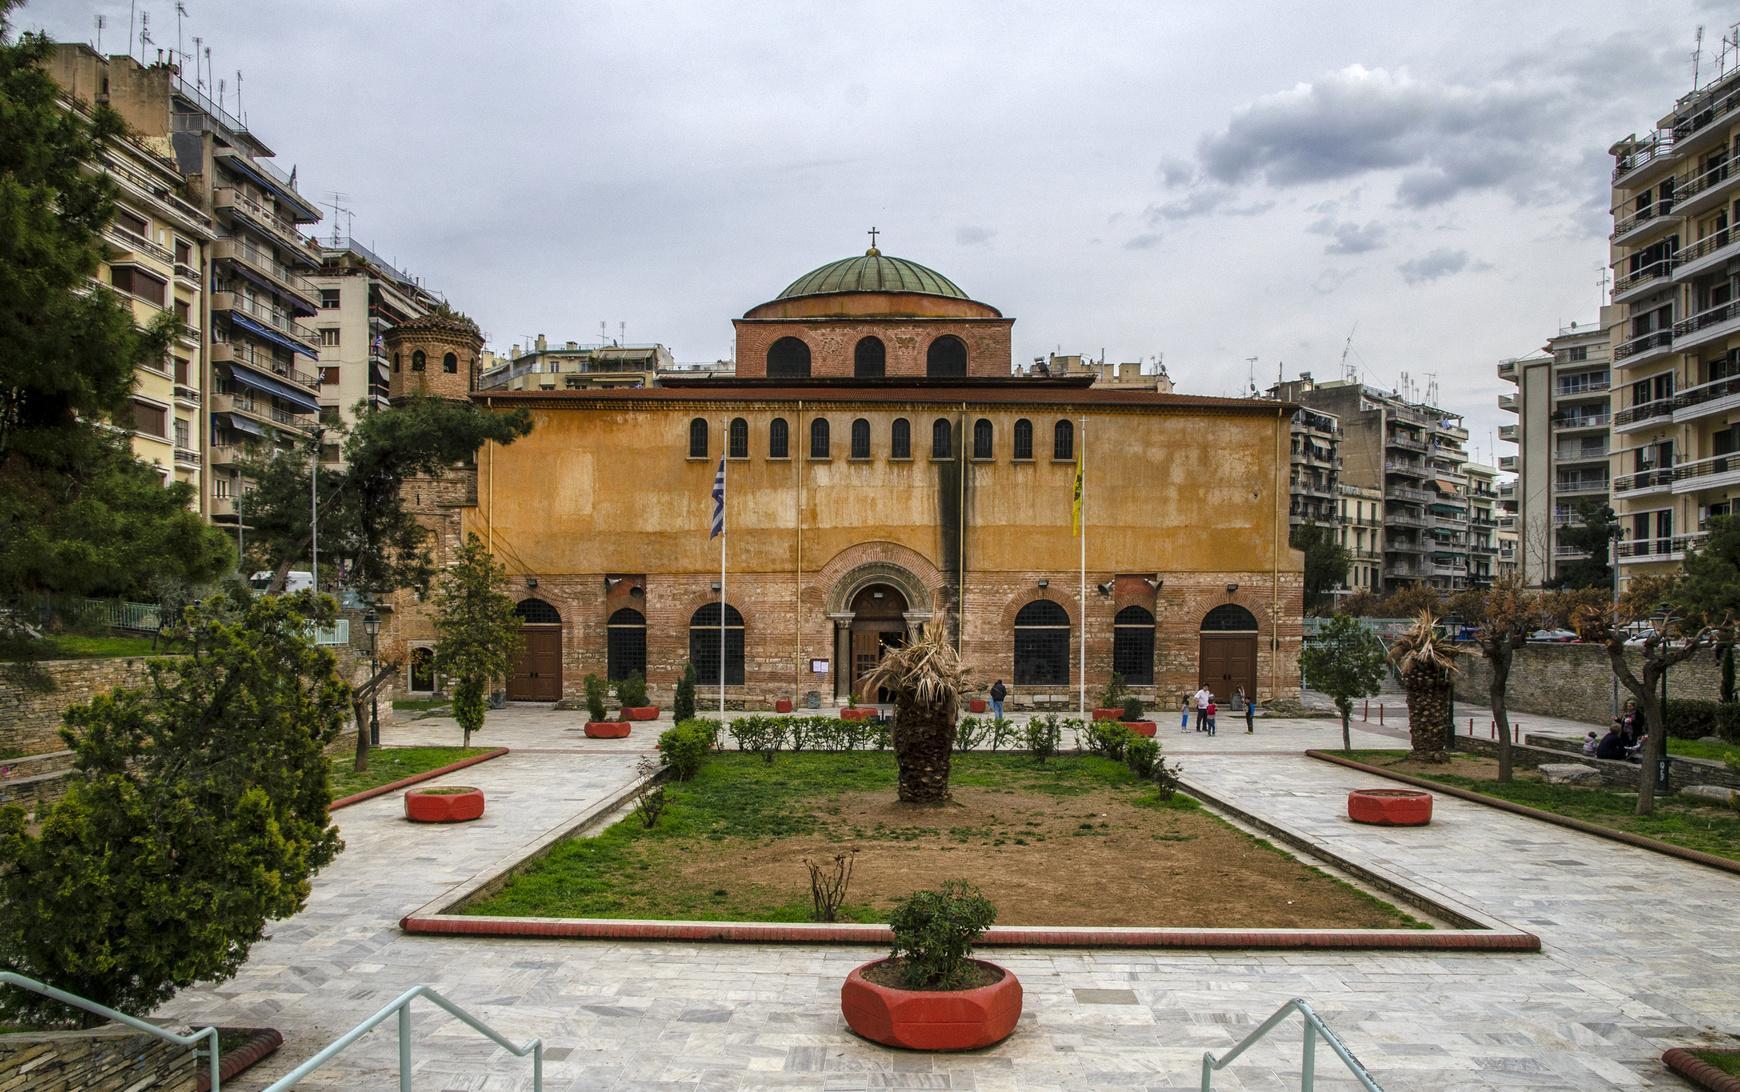 Agia Sophia, Saloniki, Grecja, zwiedzanie, turystyka, podróż, wymiana walut, Ekantor.pl